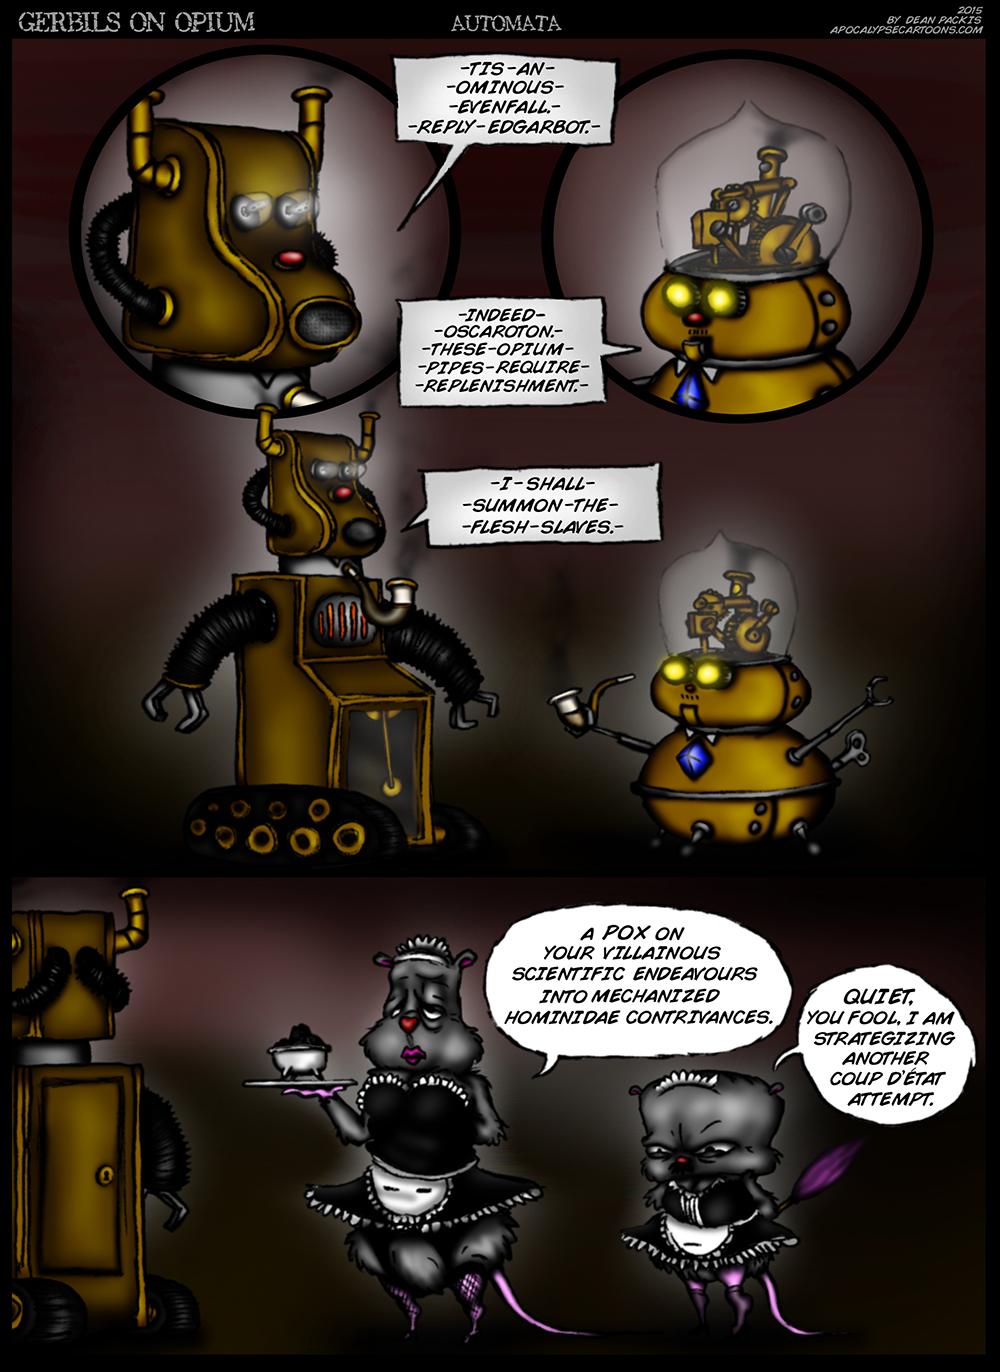 Gerbils on Opium comic 011